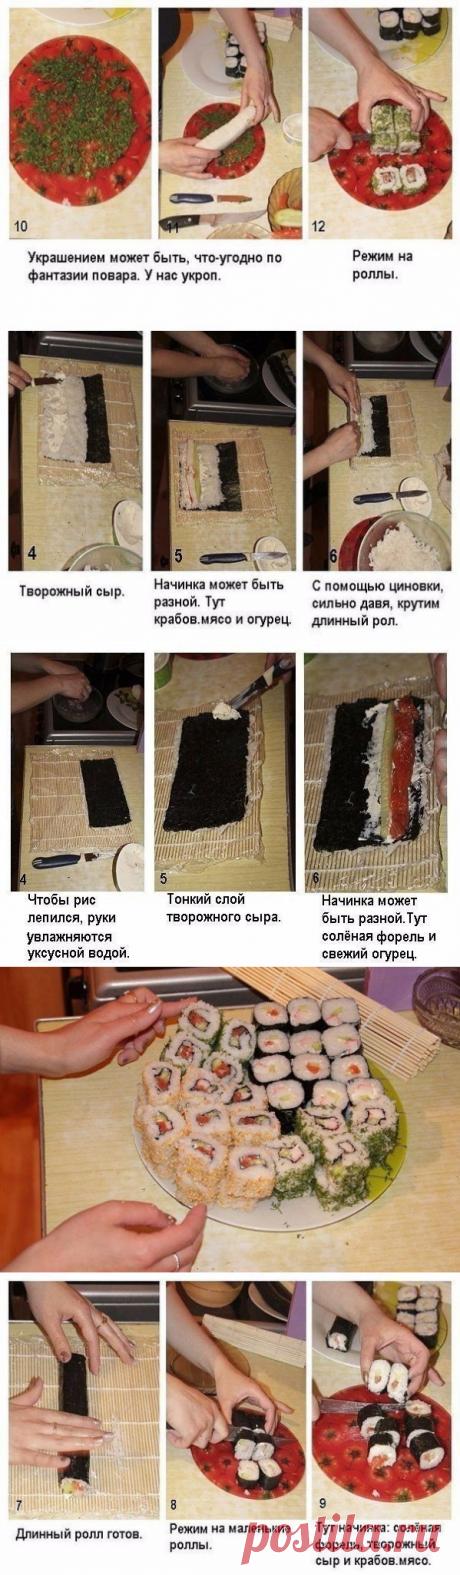 Мастер-класс по приготовлению роллов;) — Едим дома